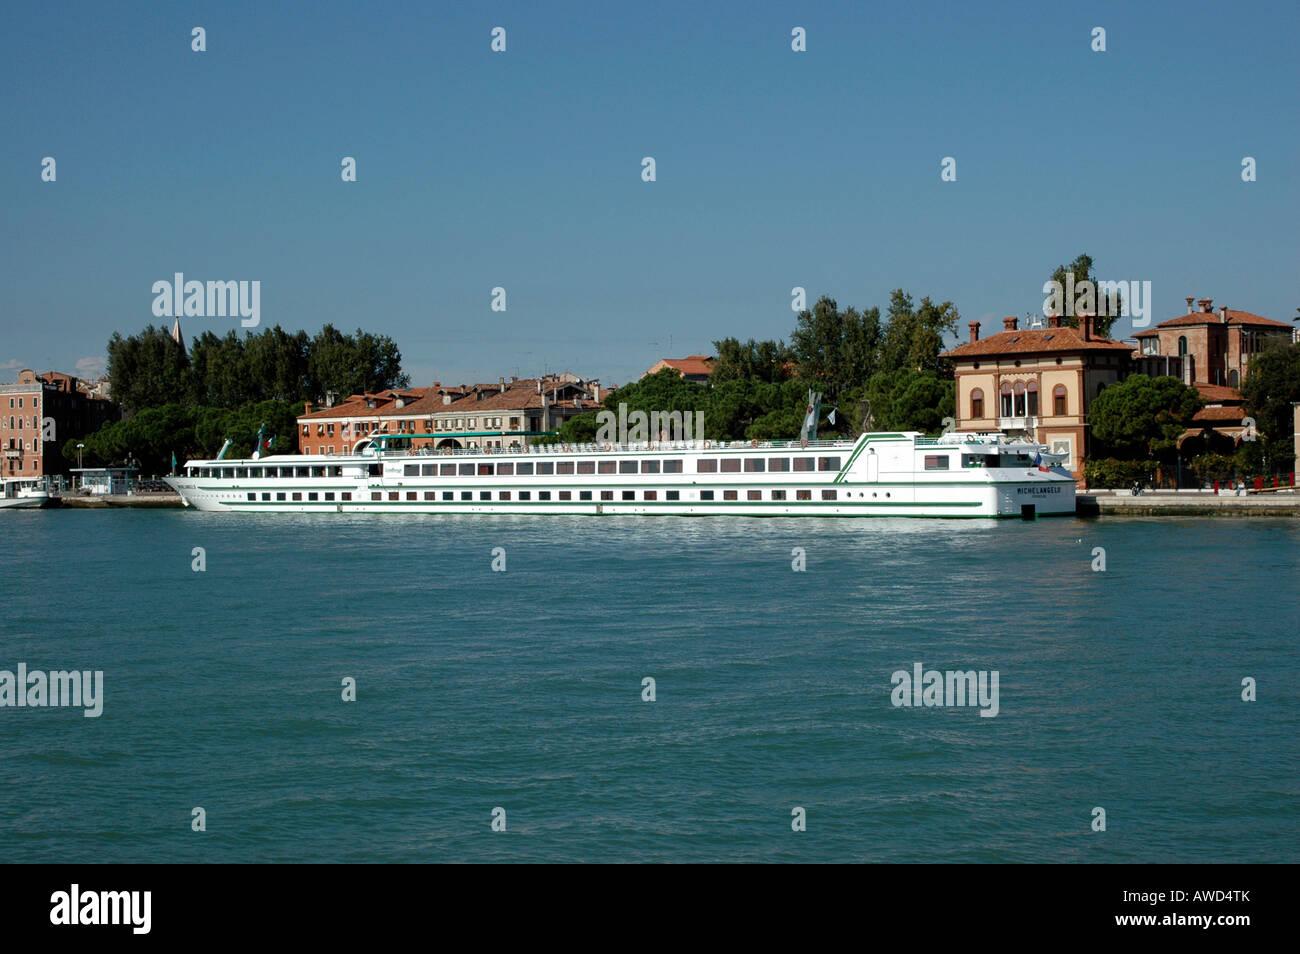 Michelangelo Cruise Ship Venice Veneto Italy Europe Stock - Ms michelangelo cruise ship